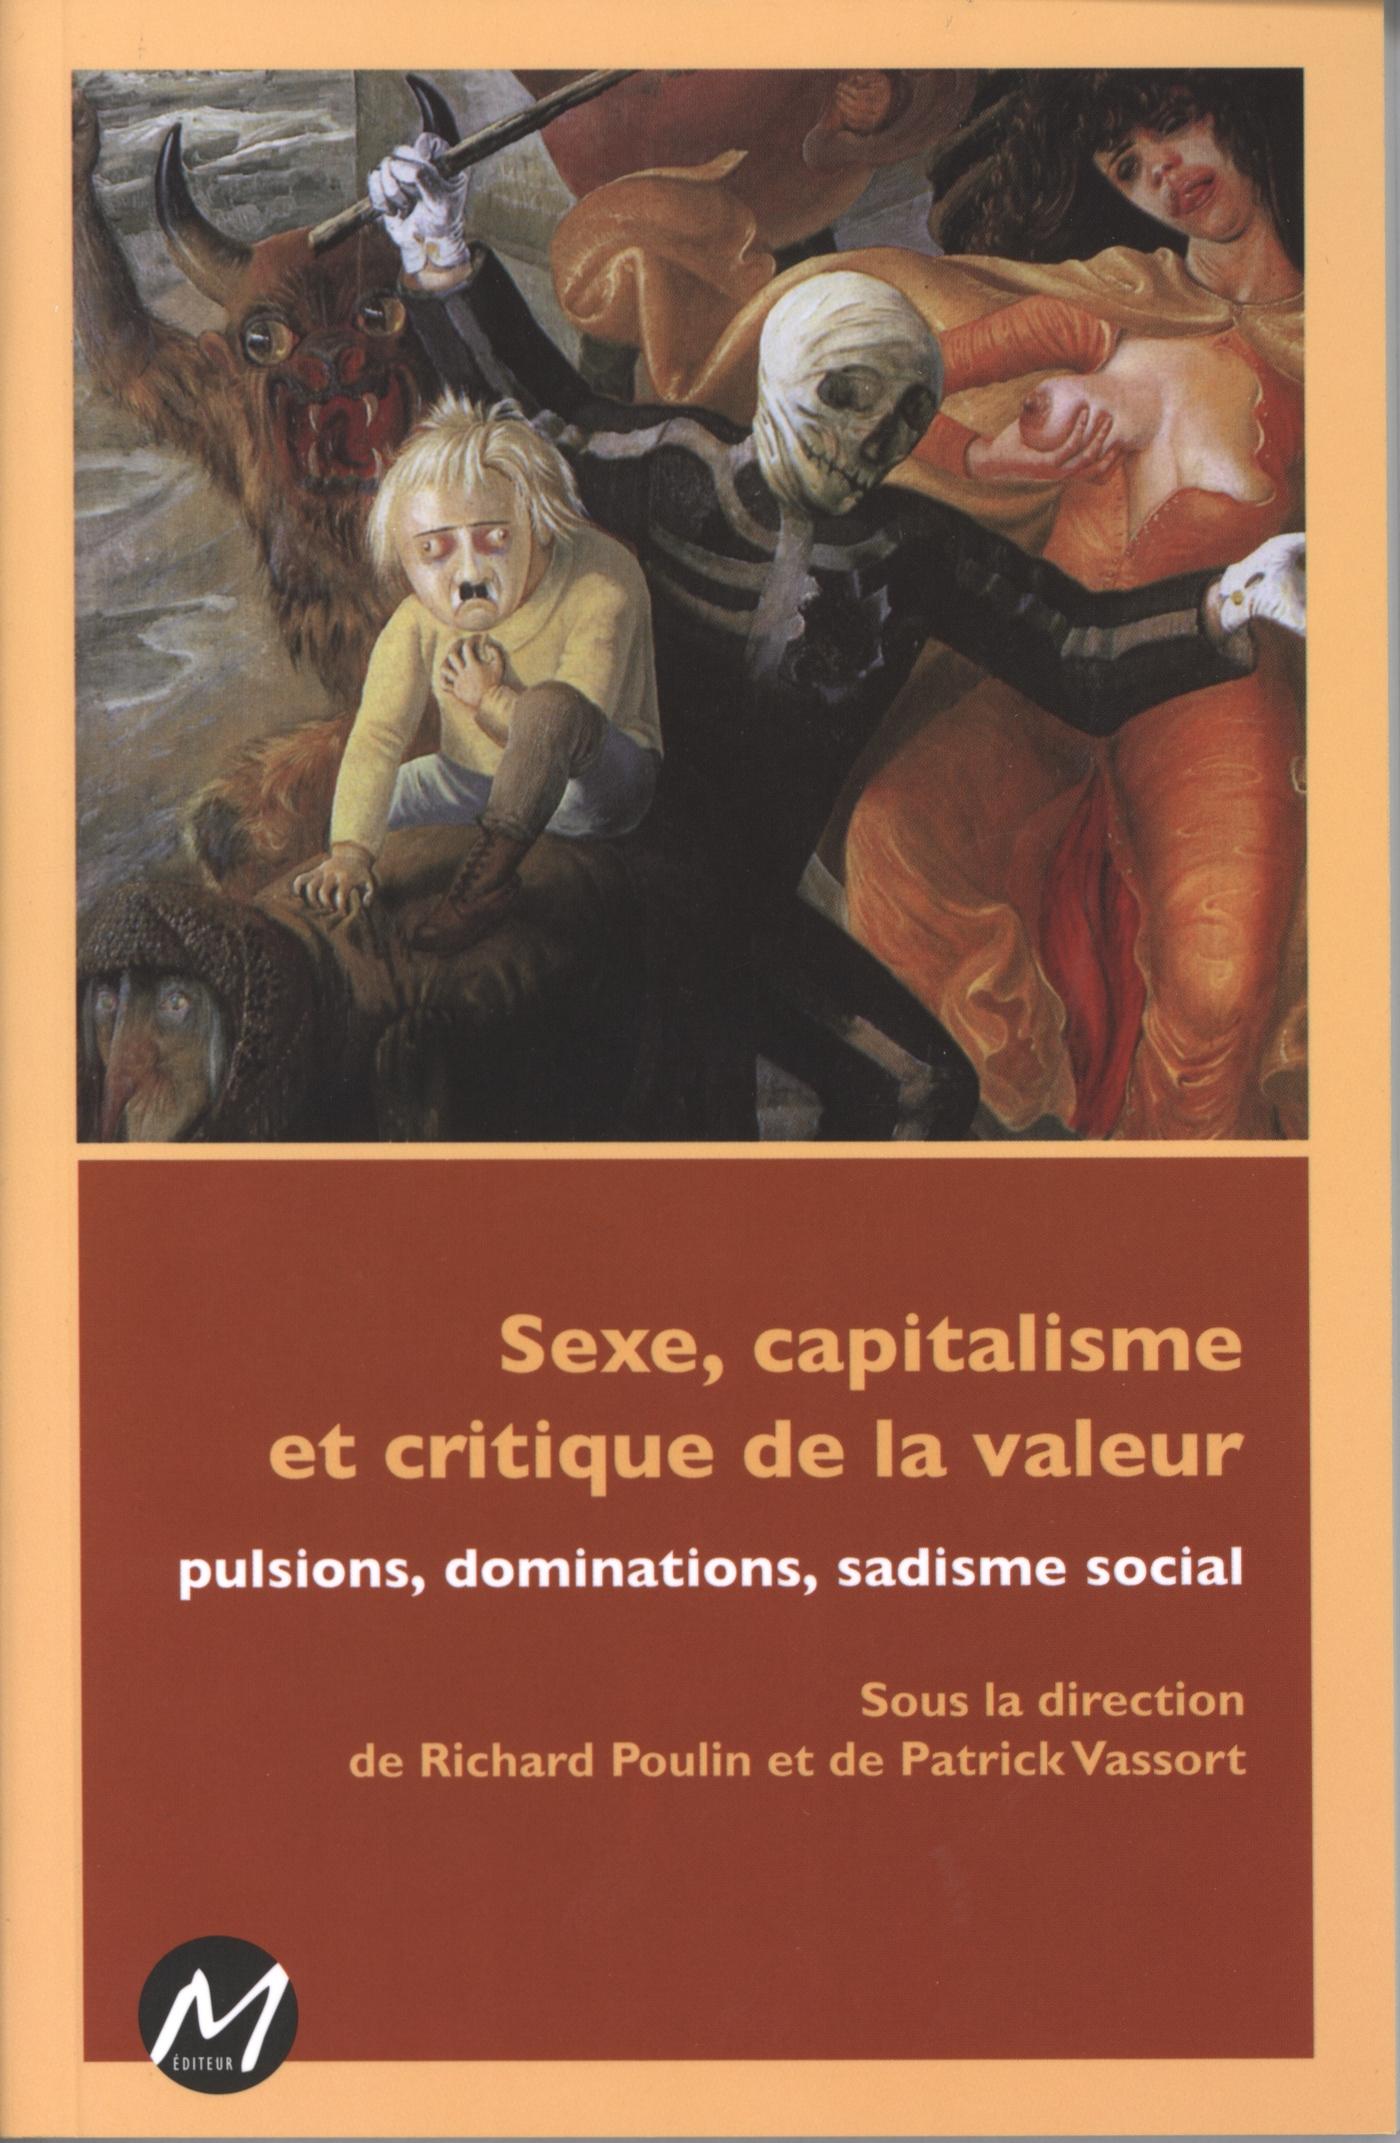 Sexe,capitalisme et critique de valeur